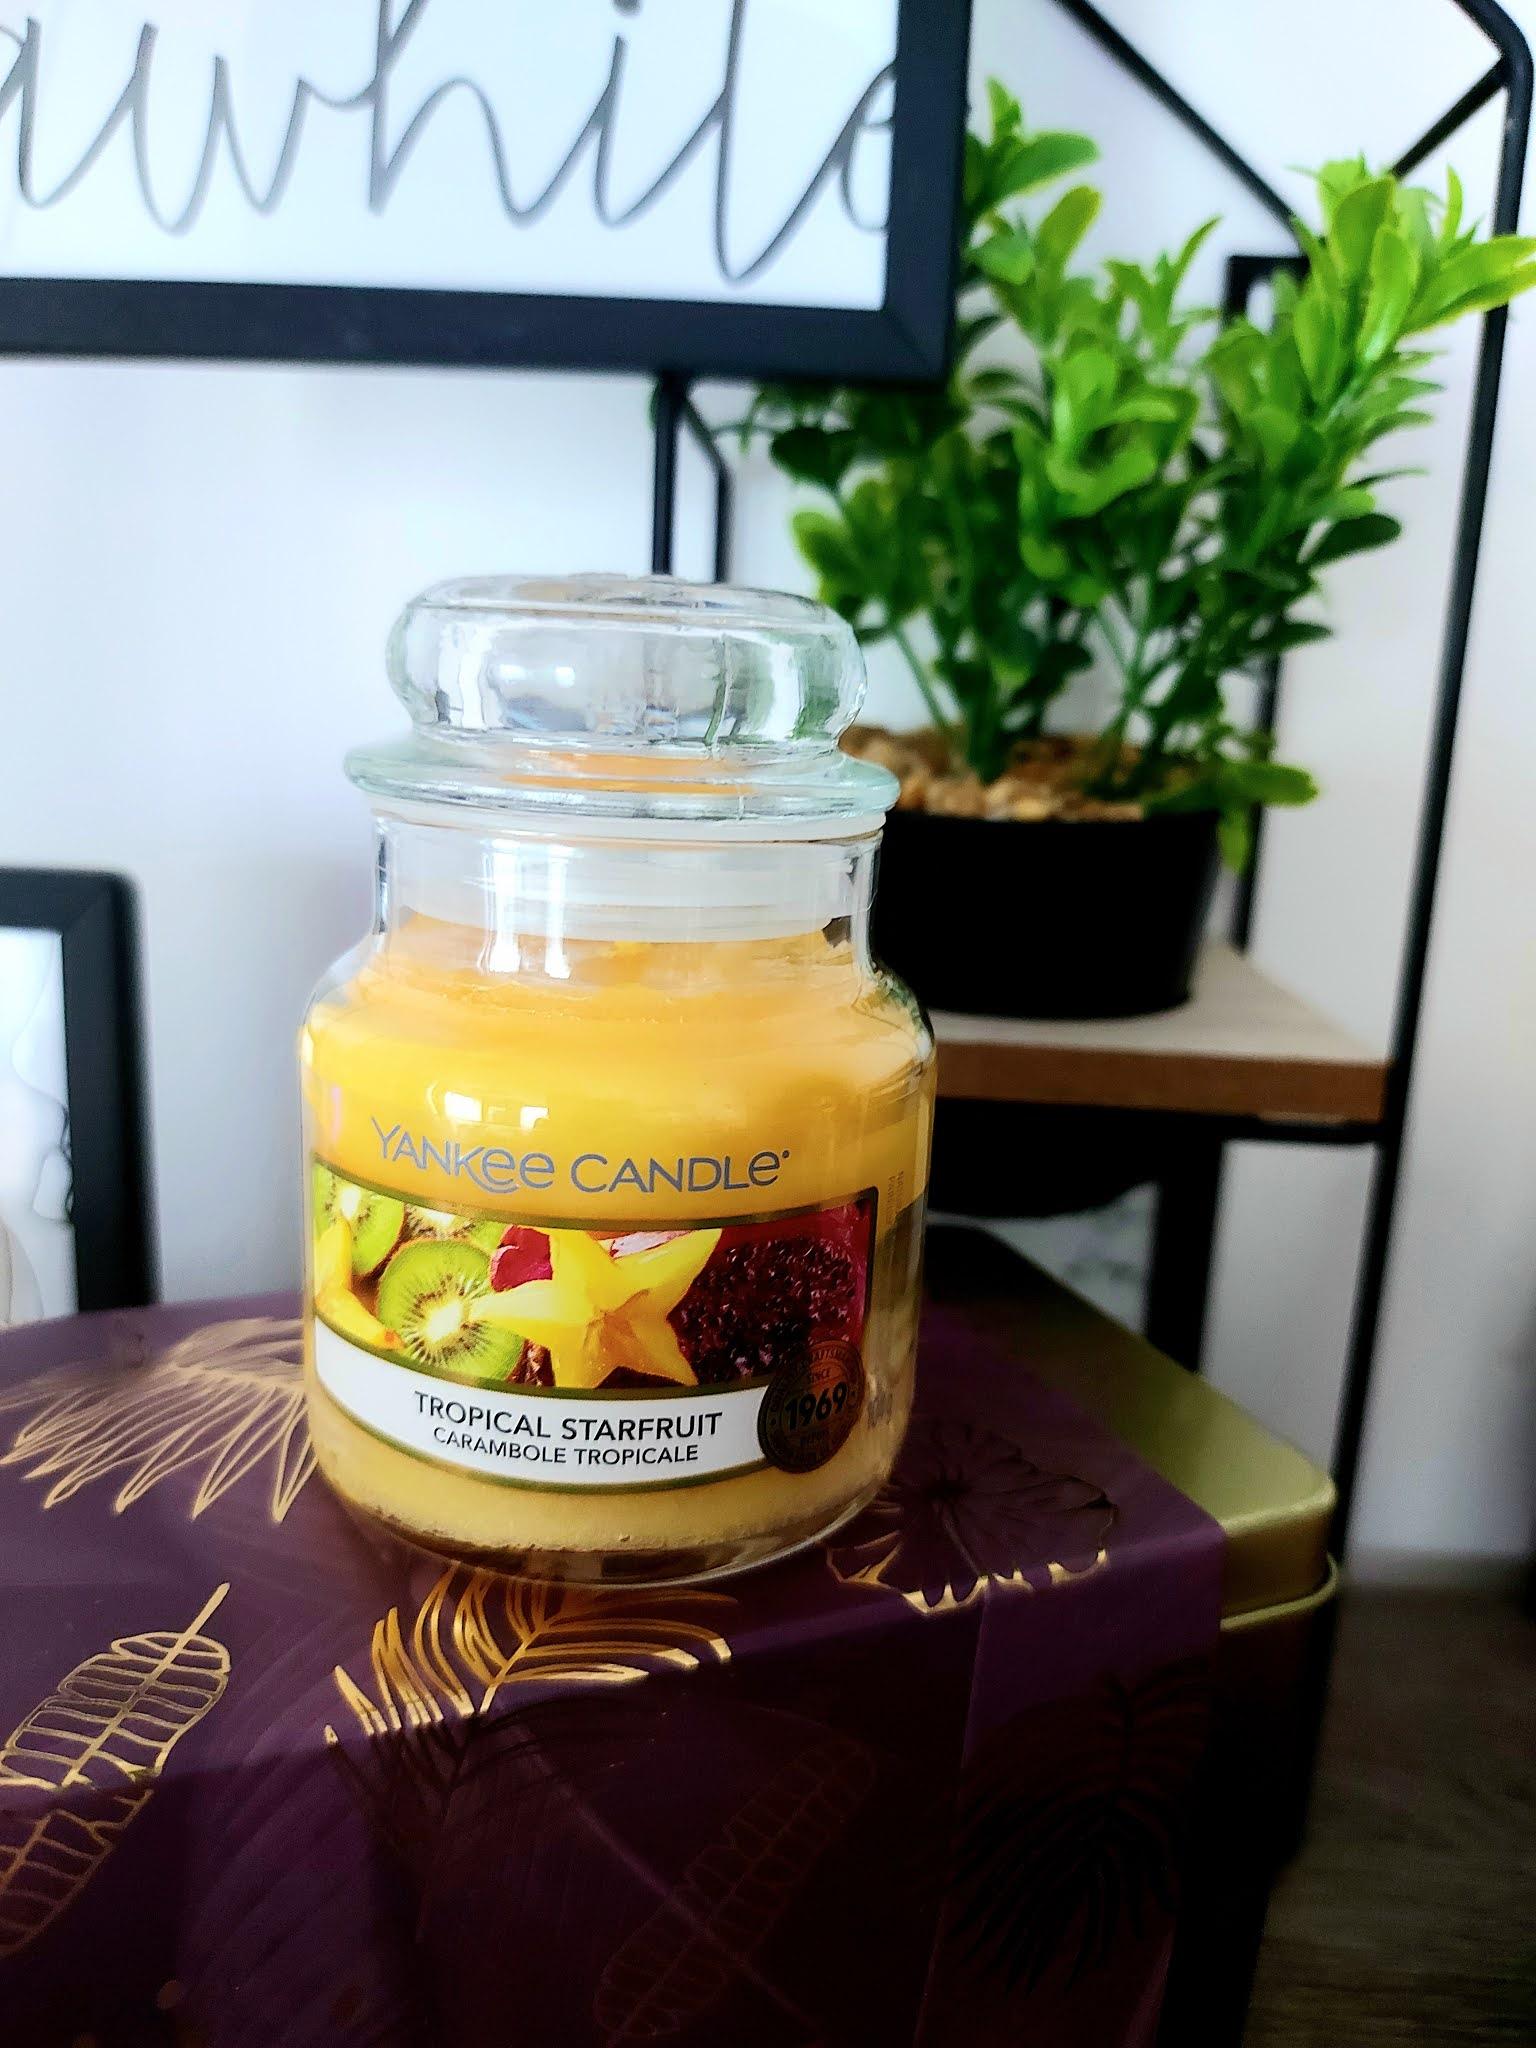 Yankee Candle THE LAST PARADISE - wiosenny zestaw świec o orzeźwiających zapachach Aneta Lason Beauty Talks